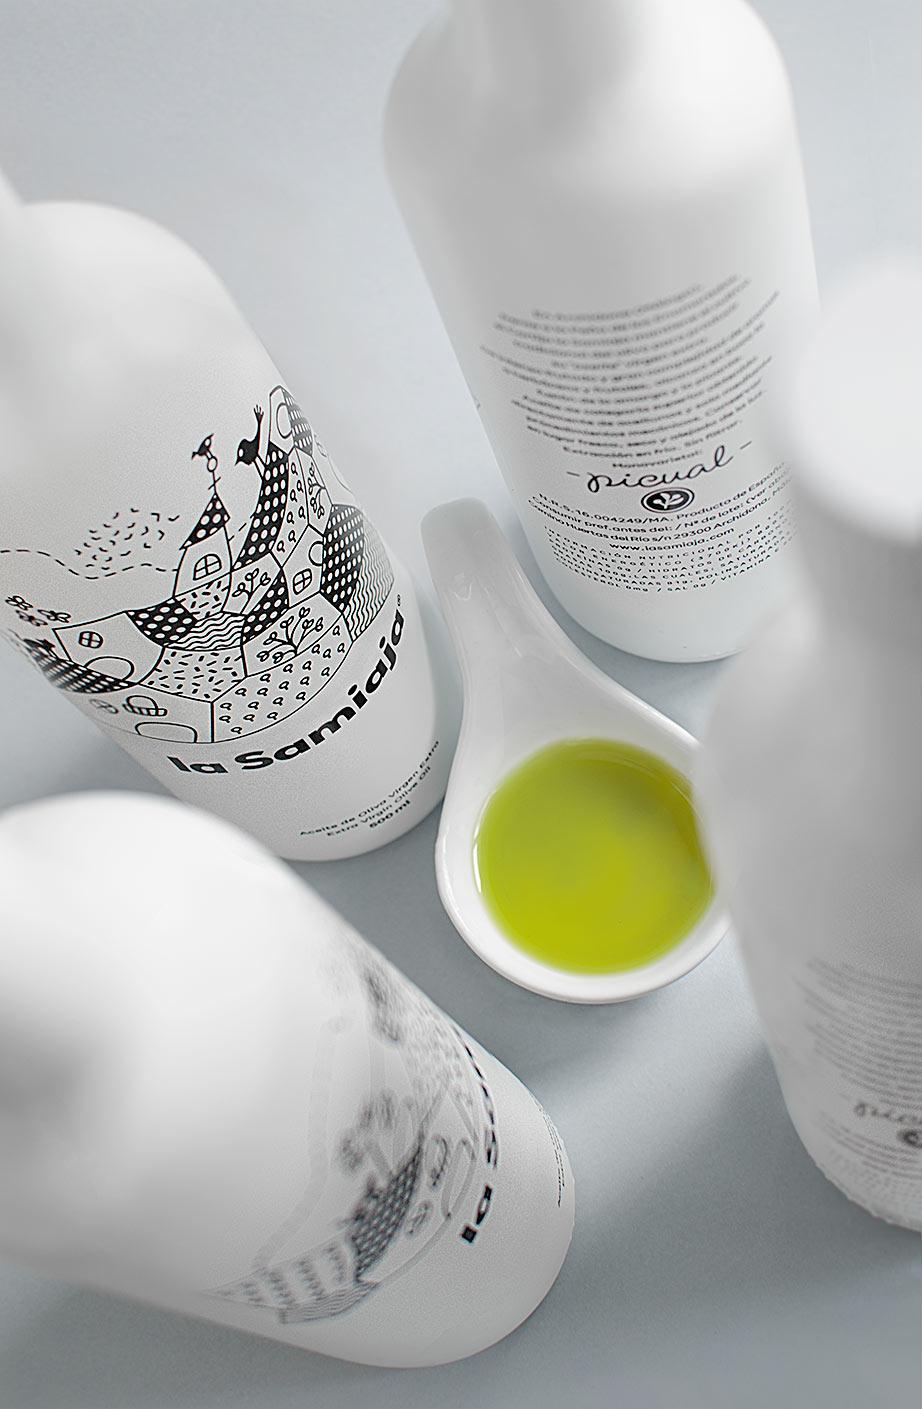 la samiaja aceite de oliva virgen extra archidona málaga andalucía venta regalo